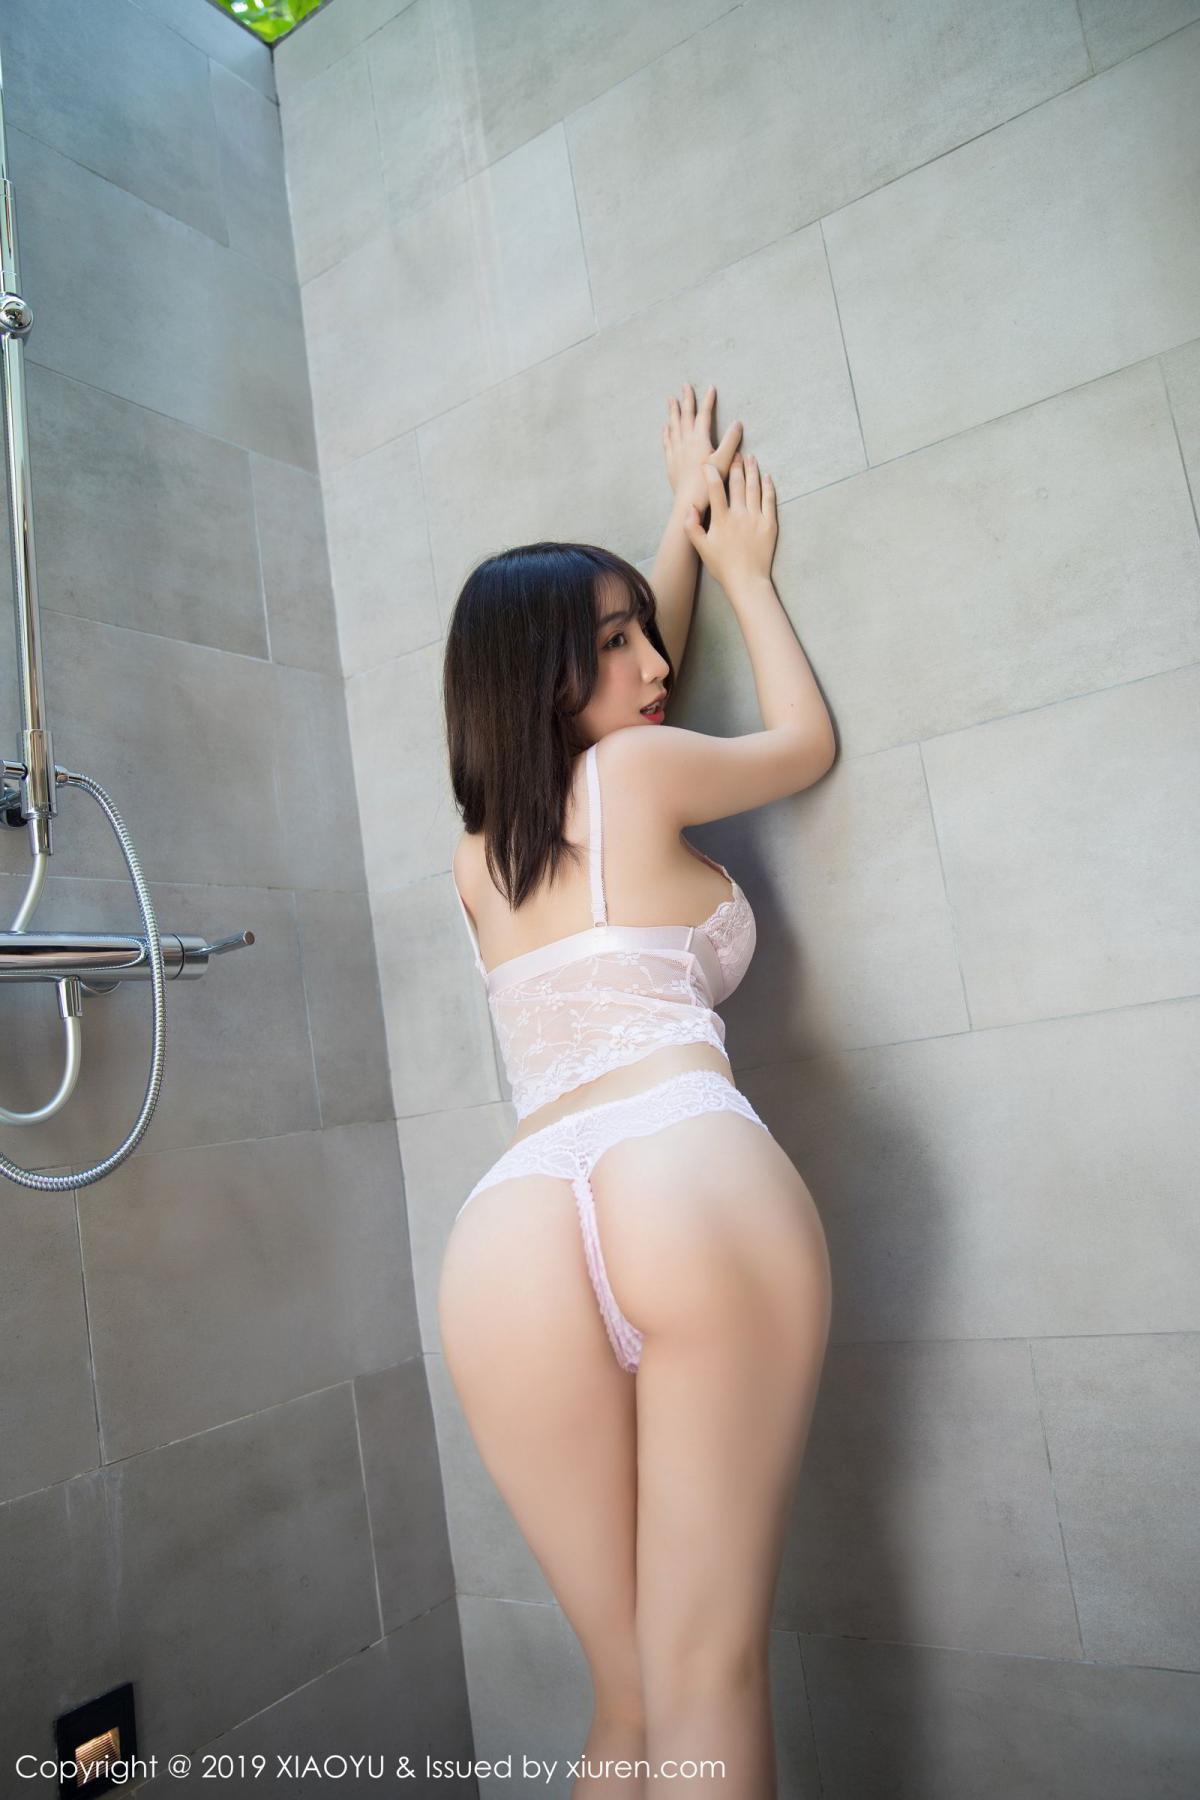 [XiaoYu] Vol.147 Xie Zhi Xin 57P, Bathroom, Big Booty, Wet, XiaoYu, Xie Zhi Xin